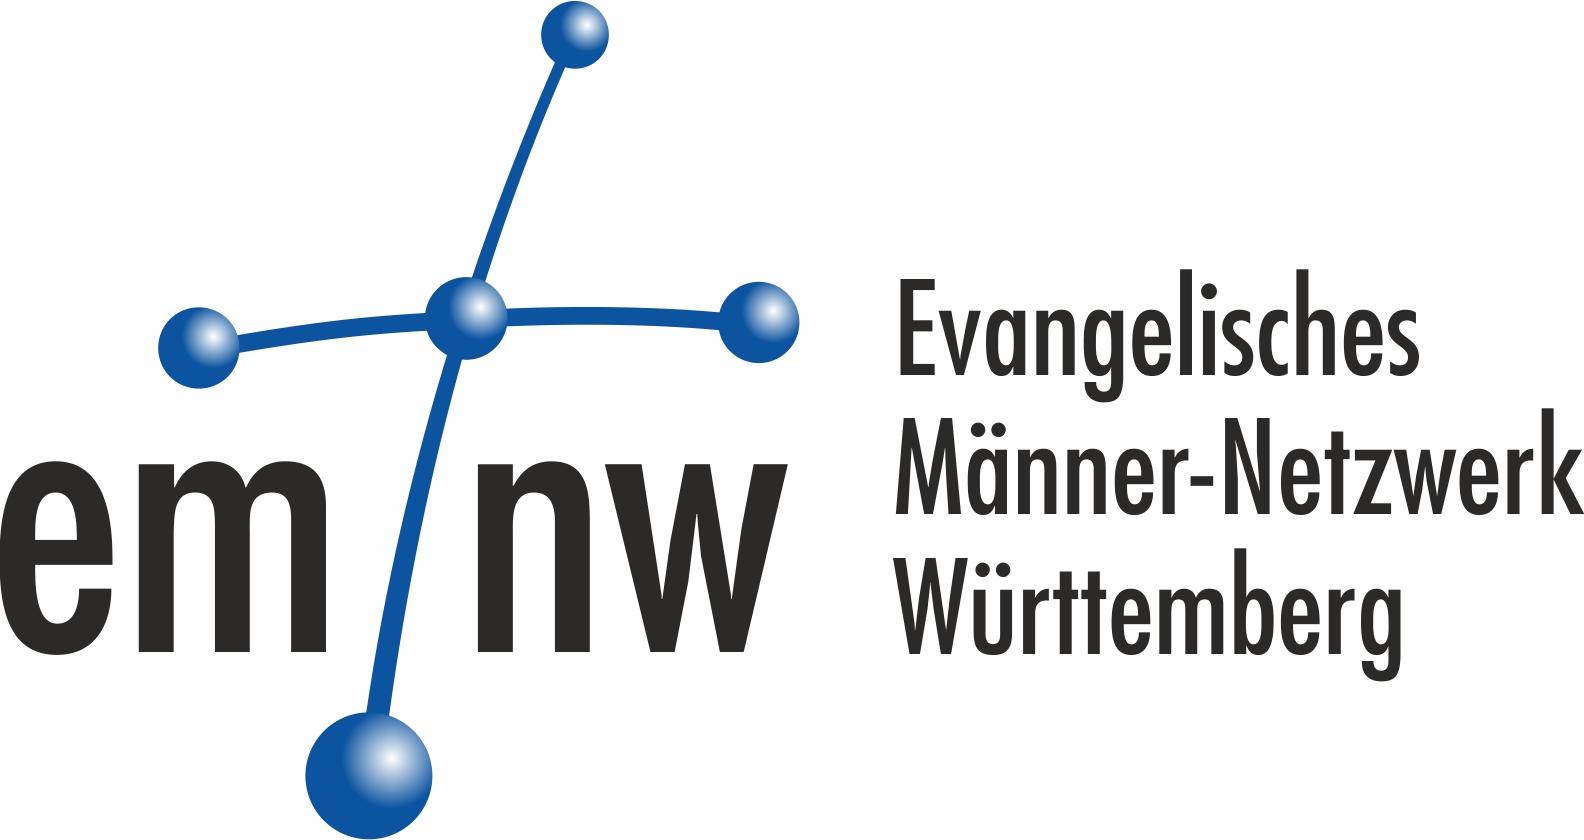 Startseite : Evangelisches Männer-Netzwerk Württemberg